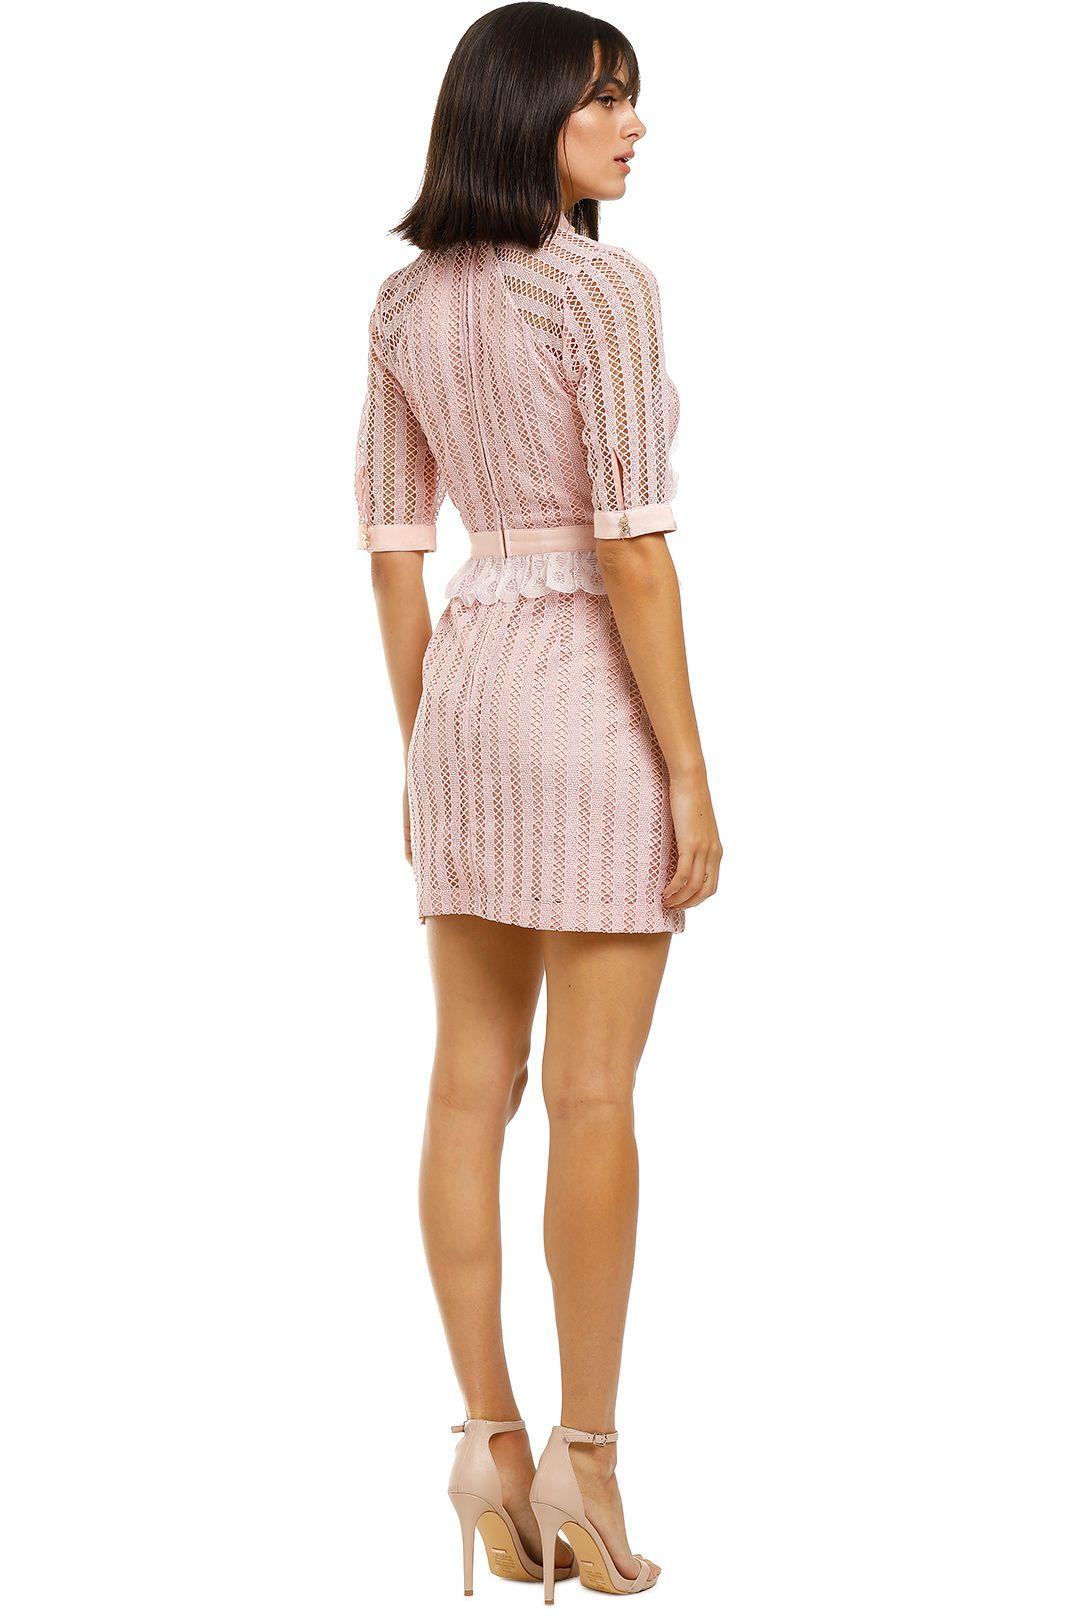 Keepsake-the-Label-Portrait-Mini-Dress-Blush-Back